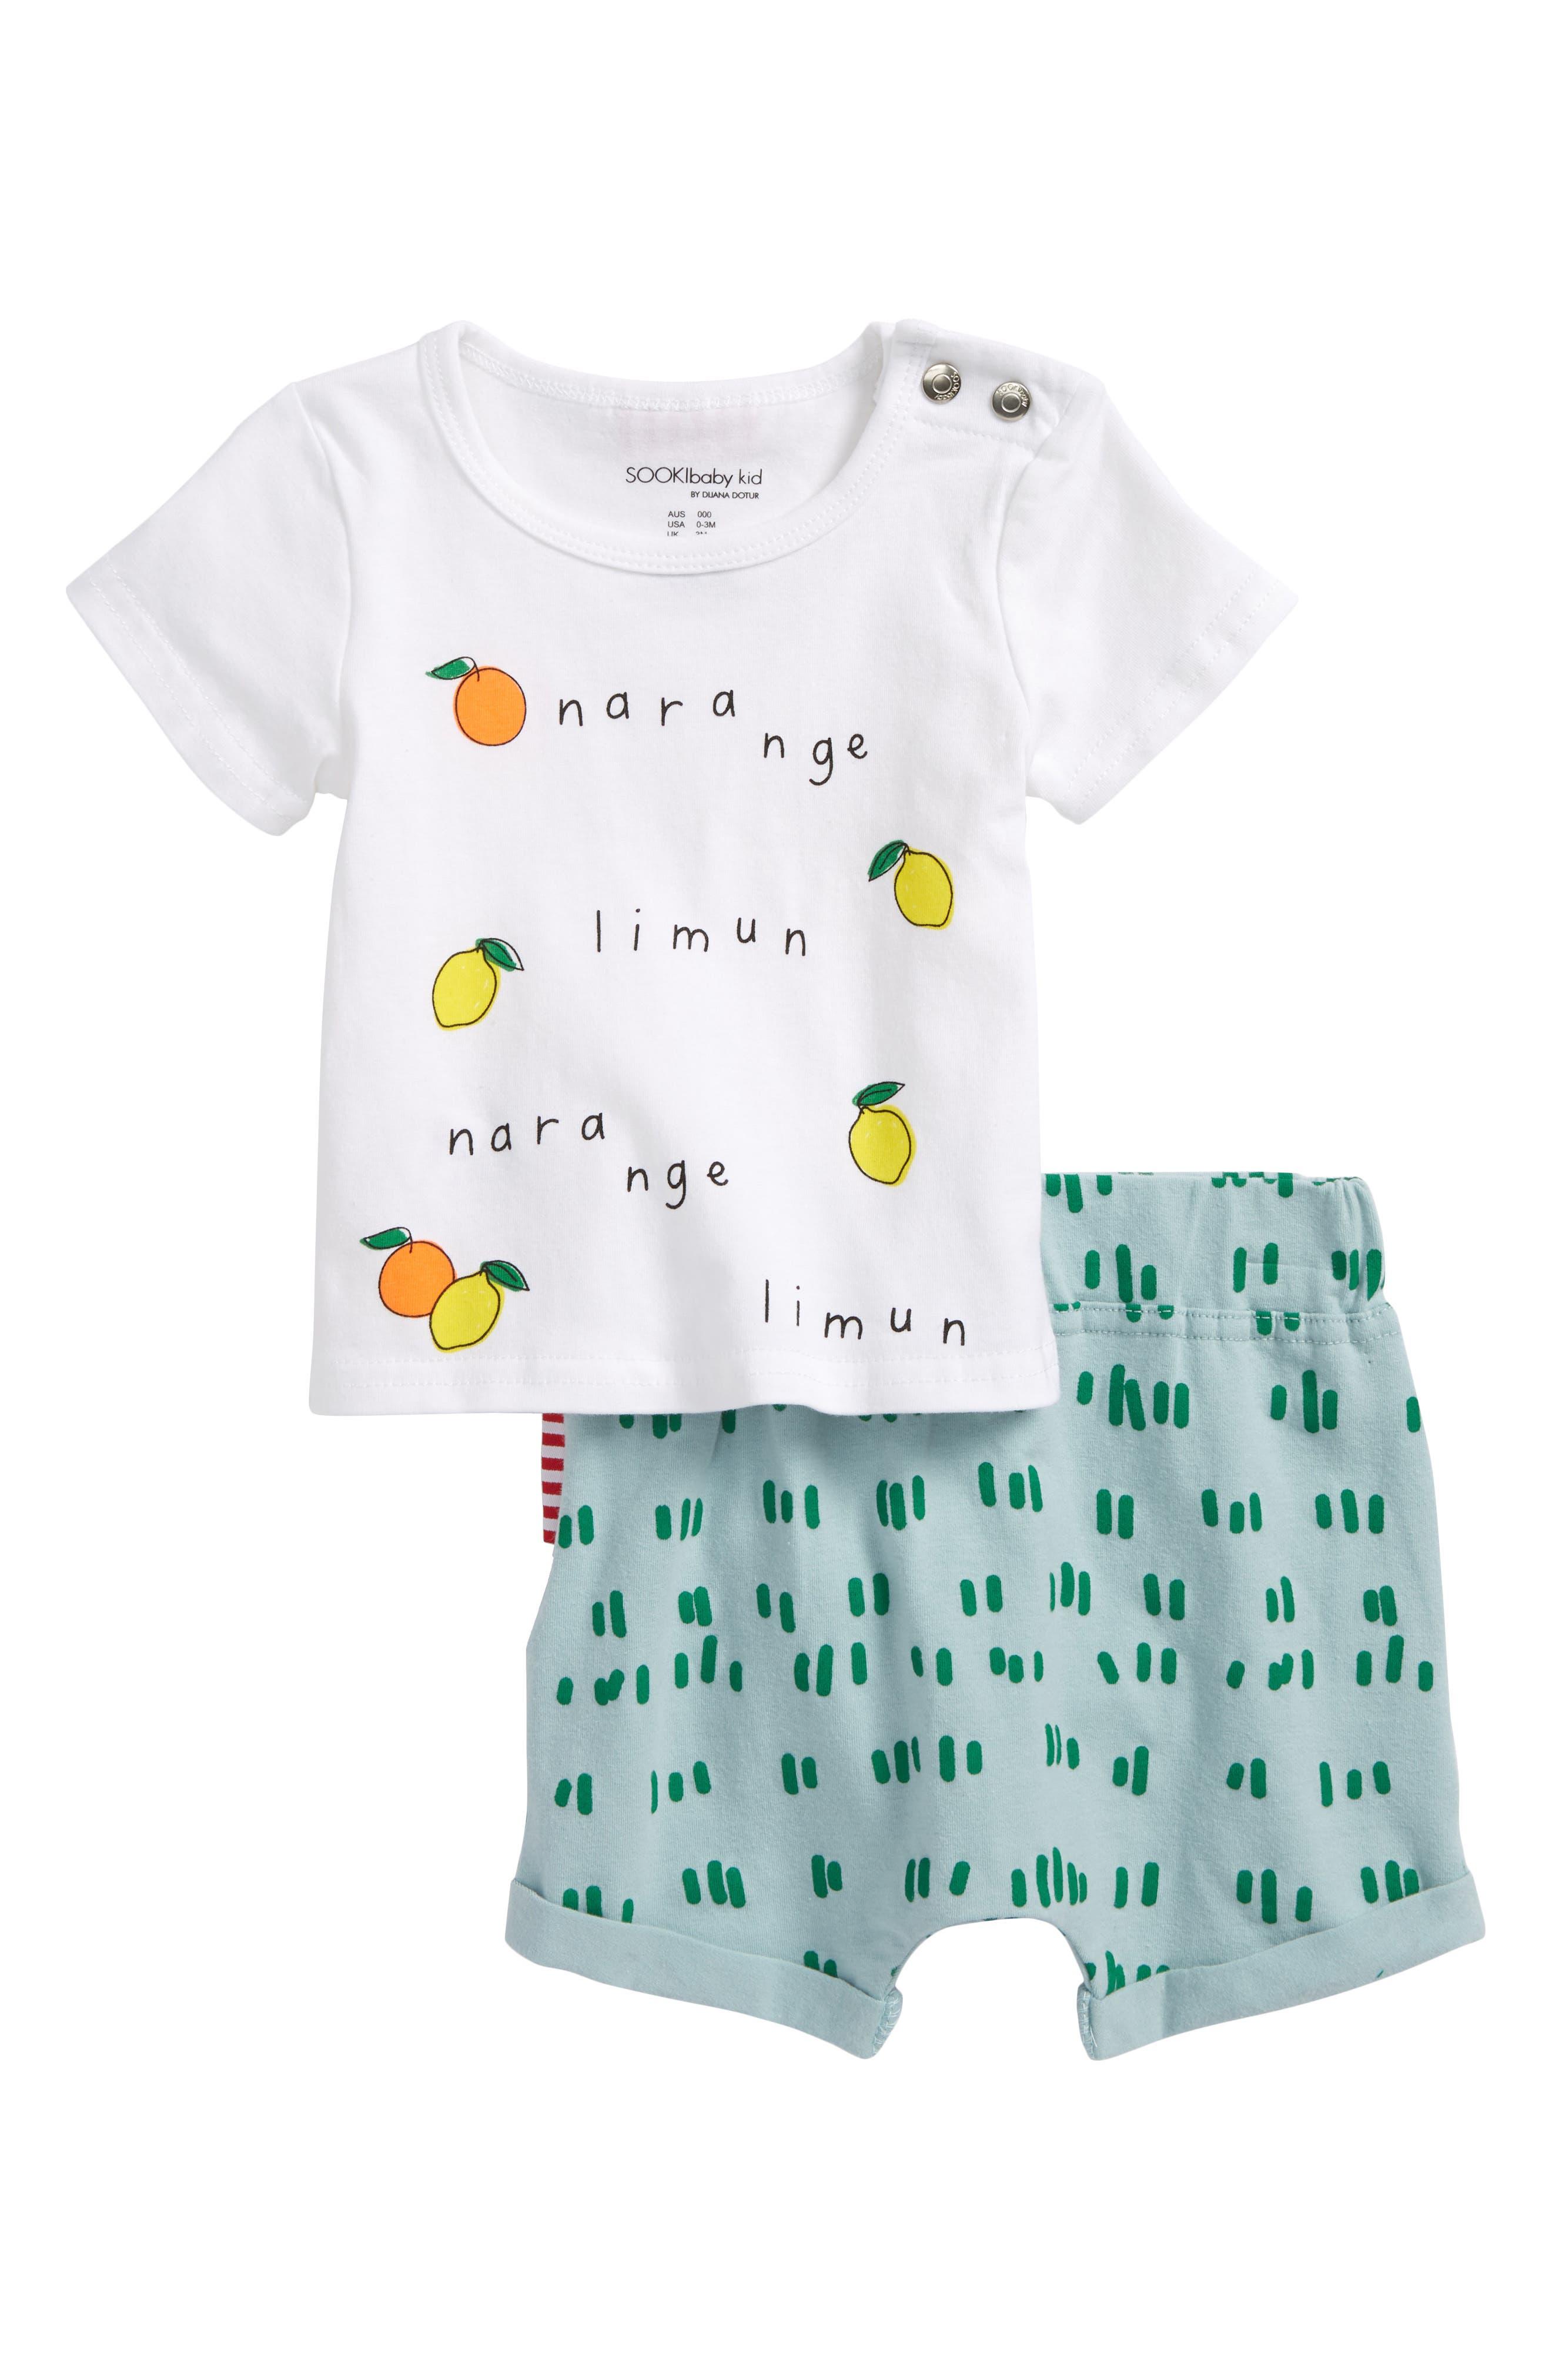 SOOKIbaby Narange Shirt & Shorts Set (Baby & Toddler)